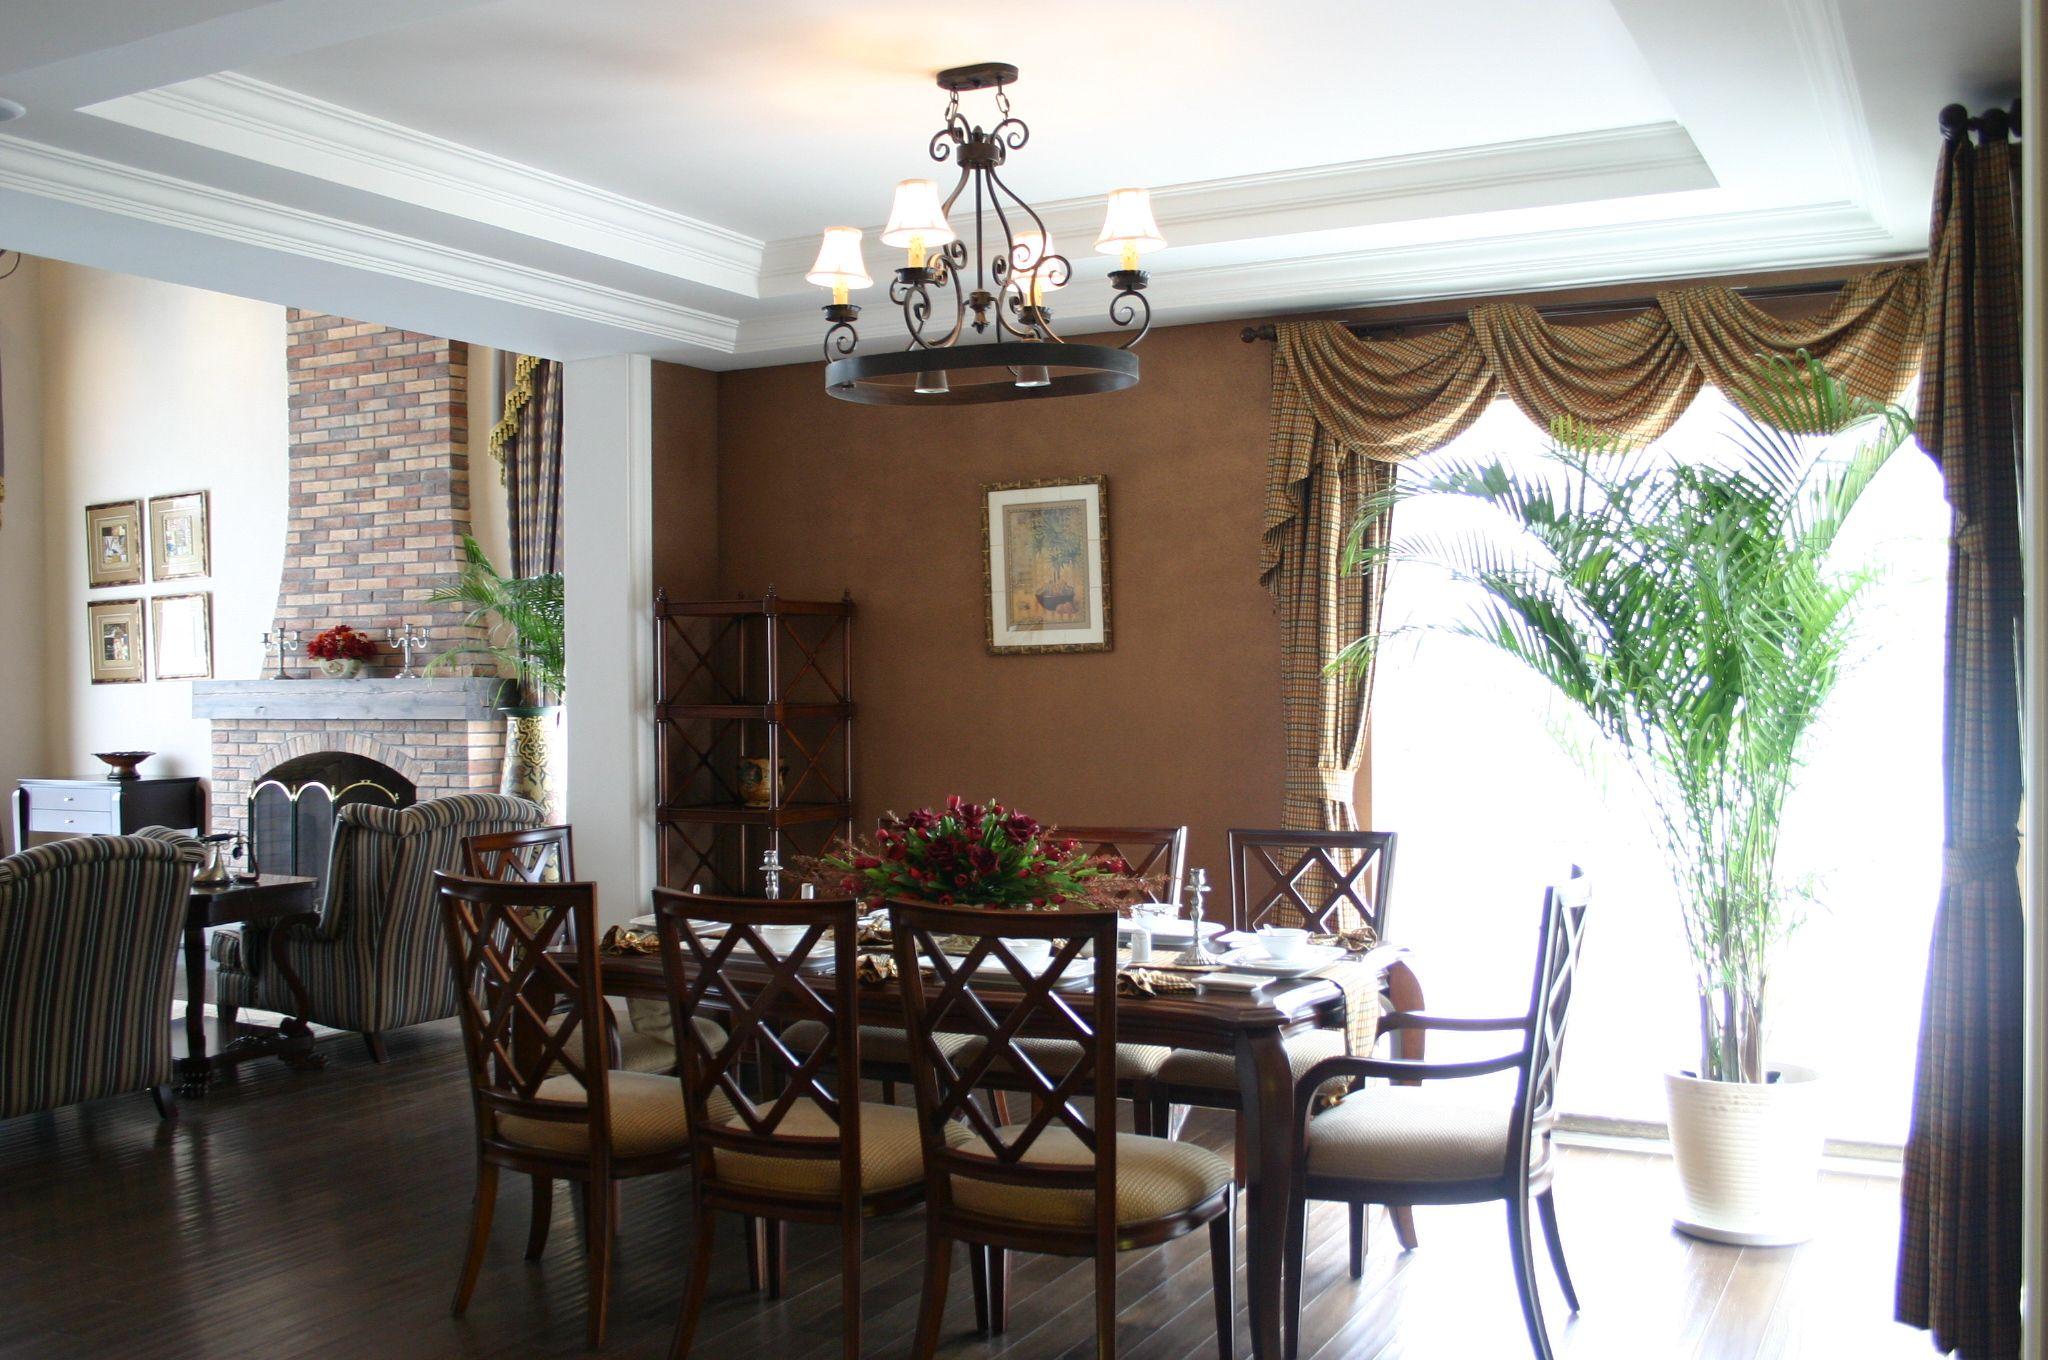 美式 风格 西餐厅设计 效果图欣赏大全2014图片高清图片